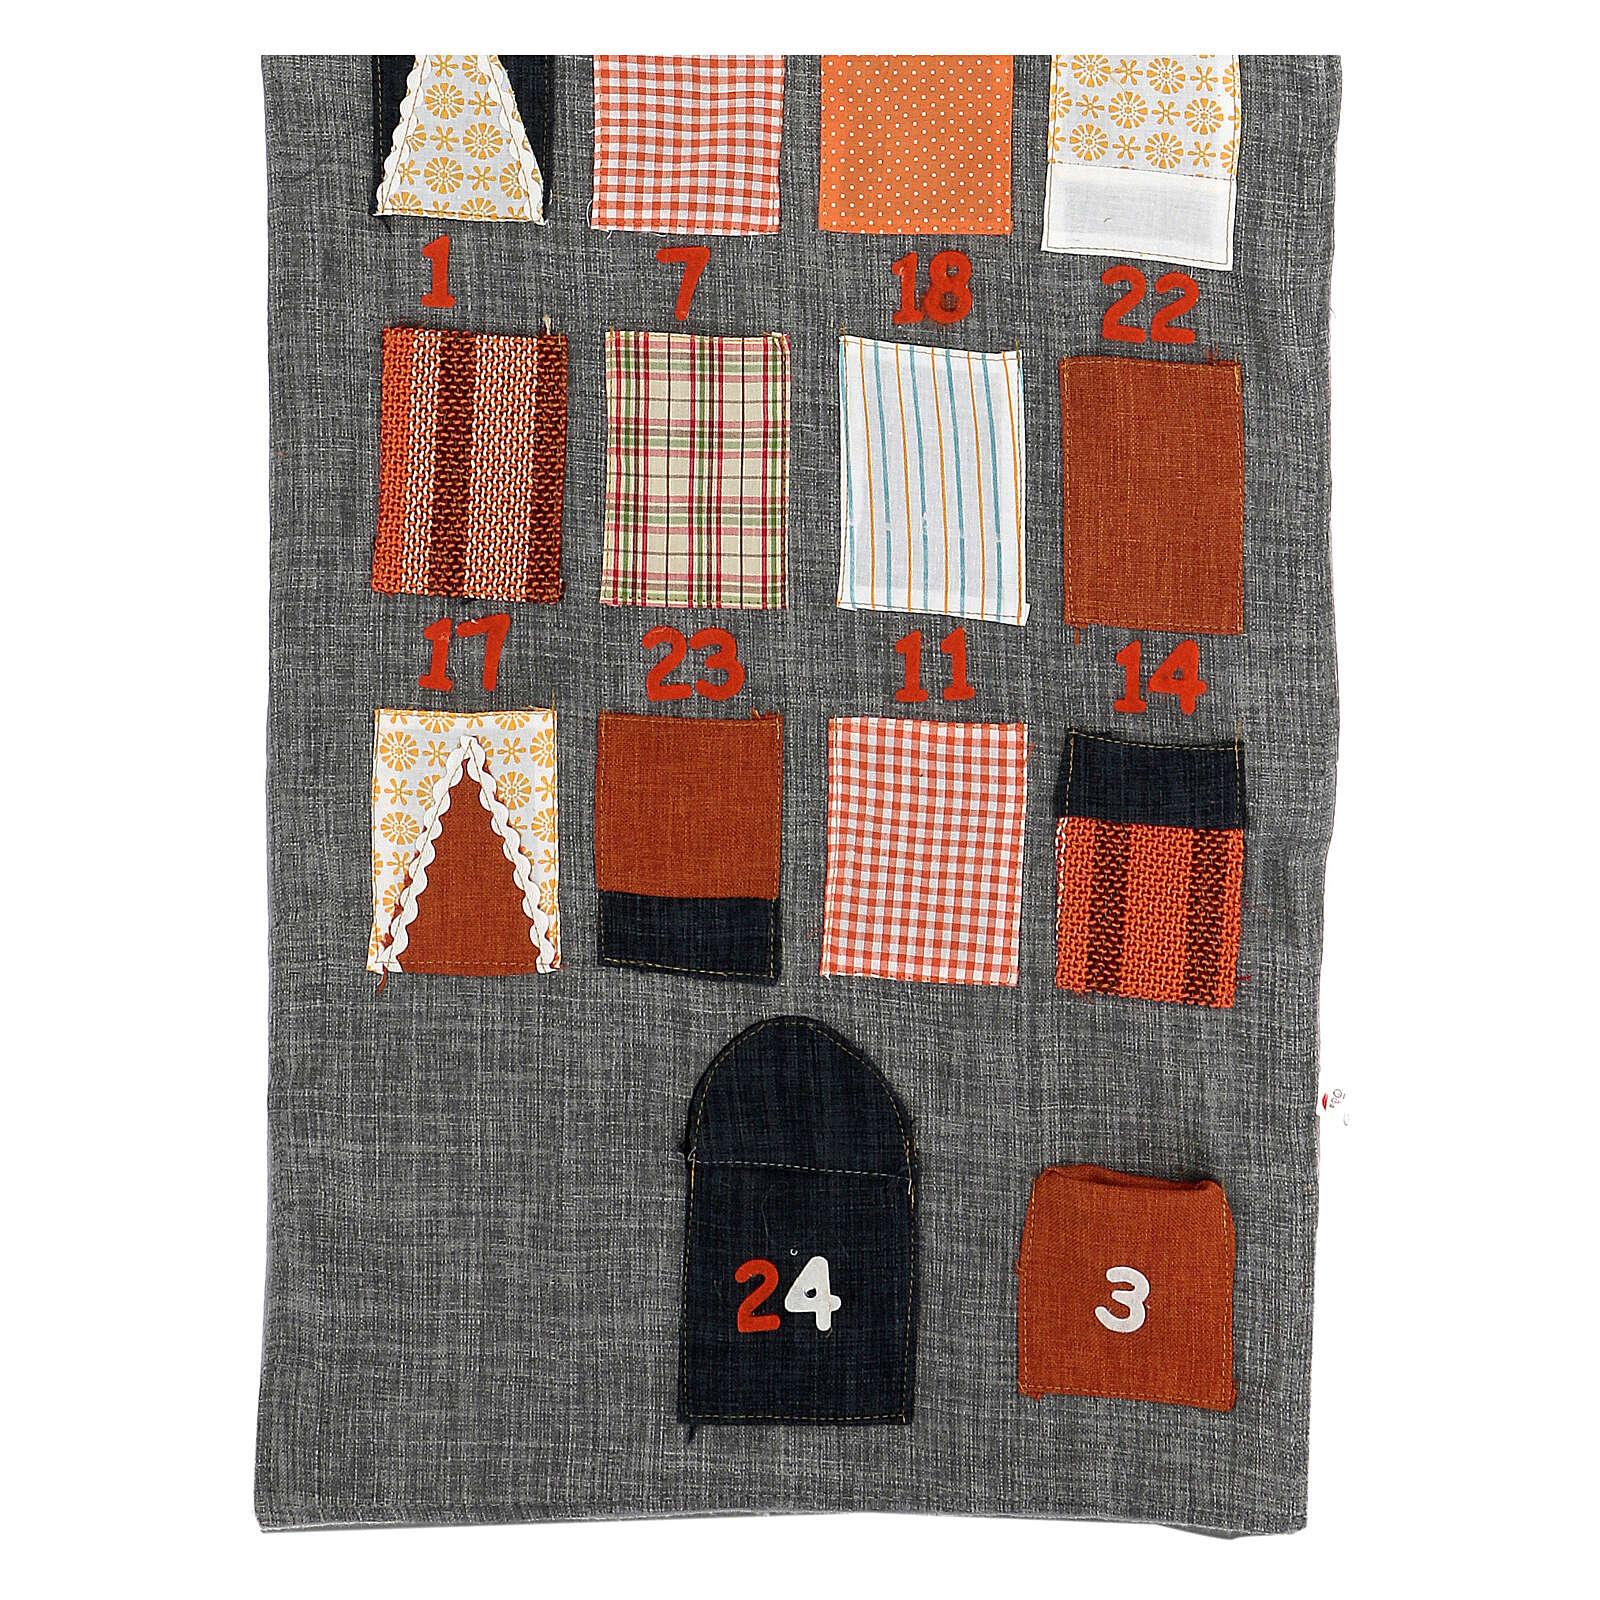 Calendrier Avent maison en tissu 3